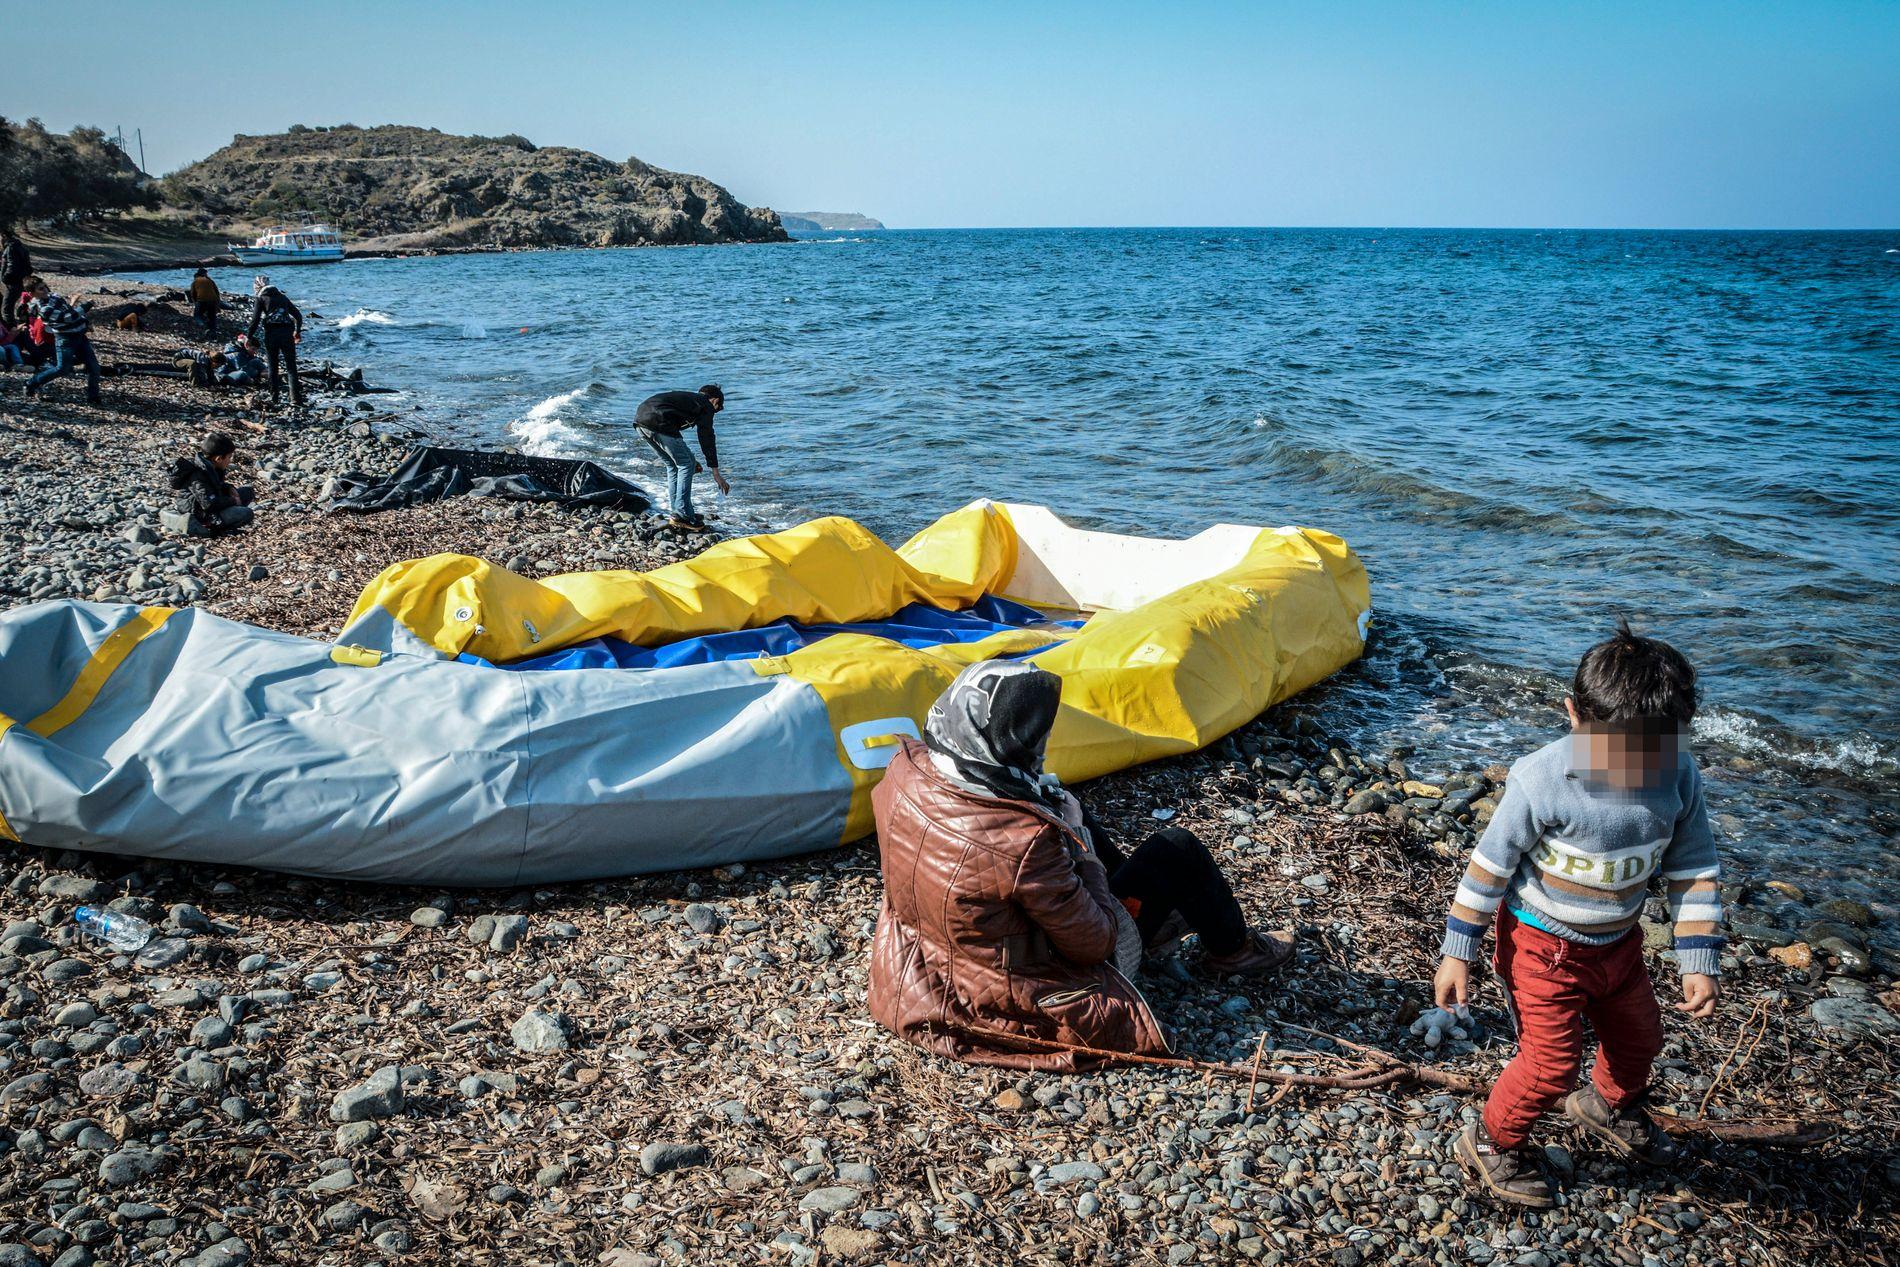 KOM SJØVEIEN: Et barn leker i vannkanten ved siden av en gummibåt som har fraktet asylsøkere til den greske øya Lesvos.